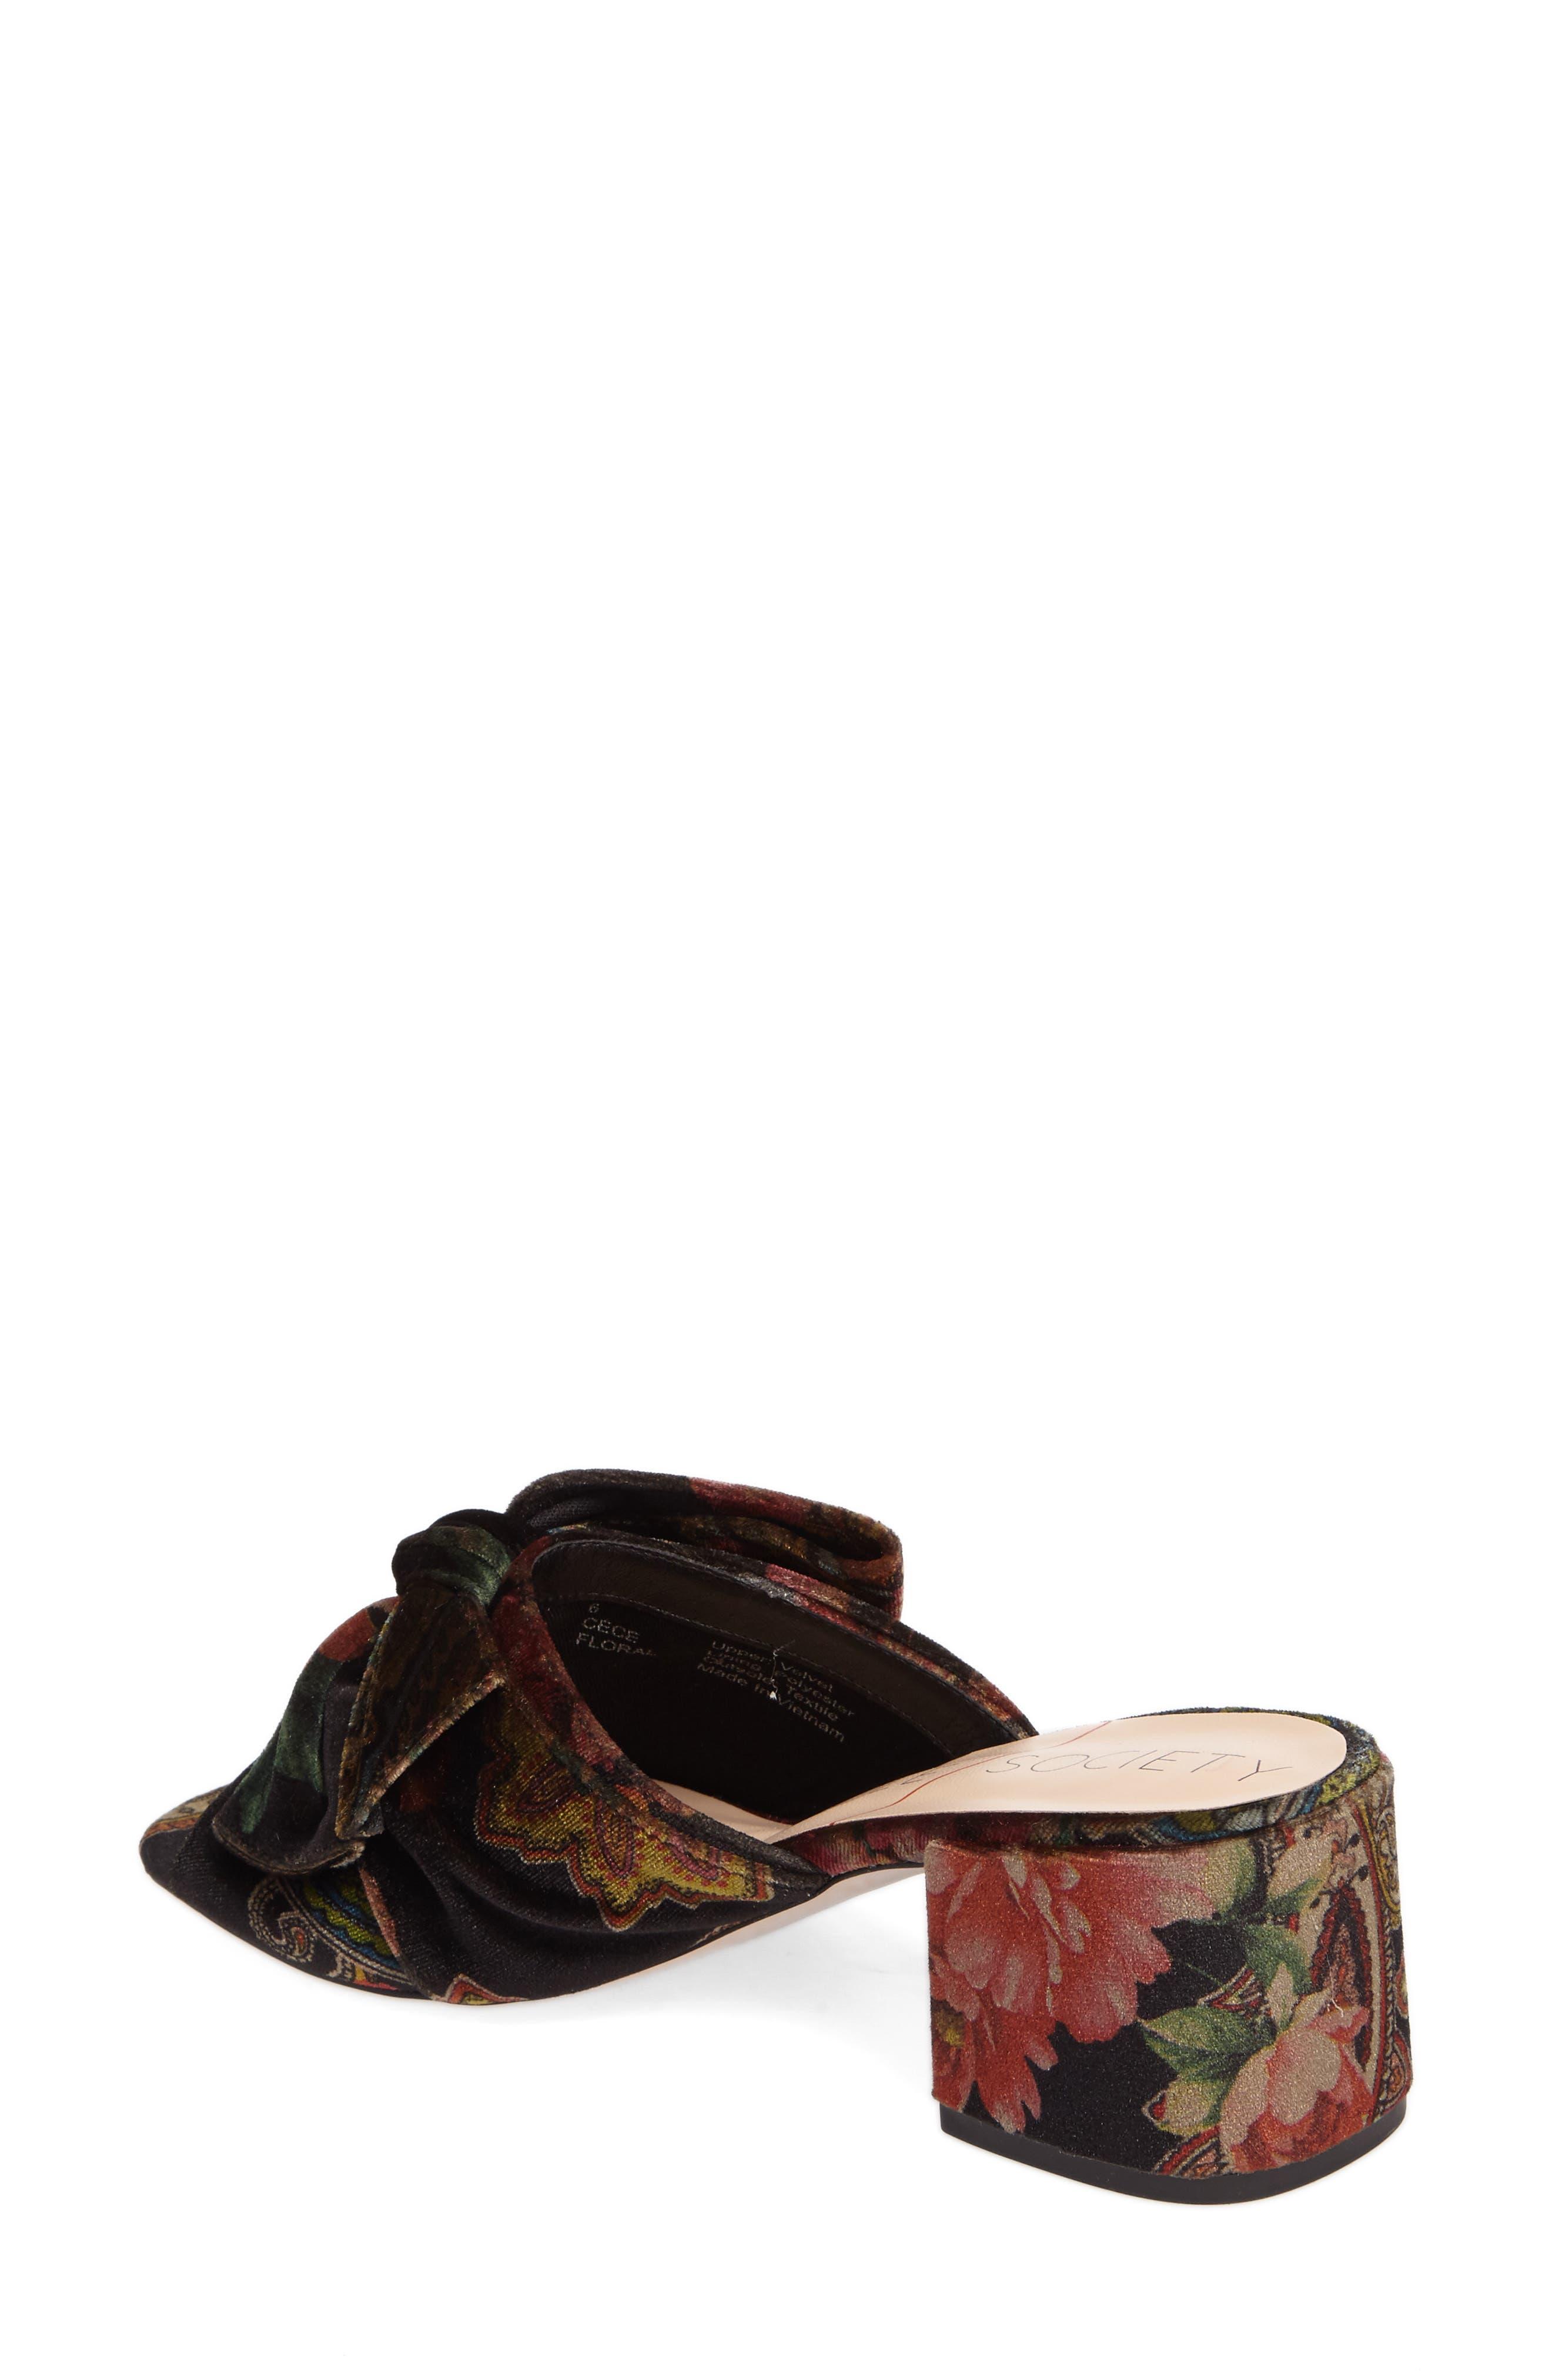 Alternate Image 2  - Sole Society Cece Mule Sandal (Women)